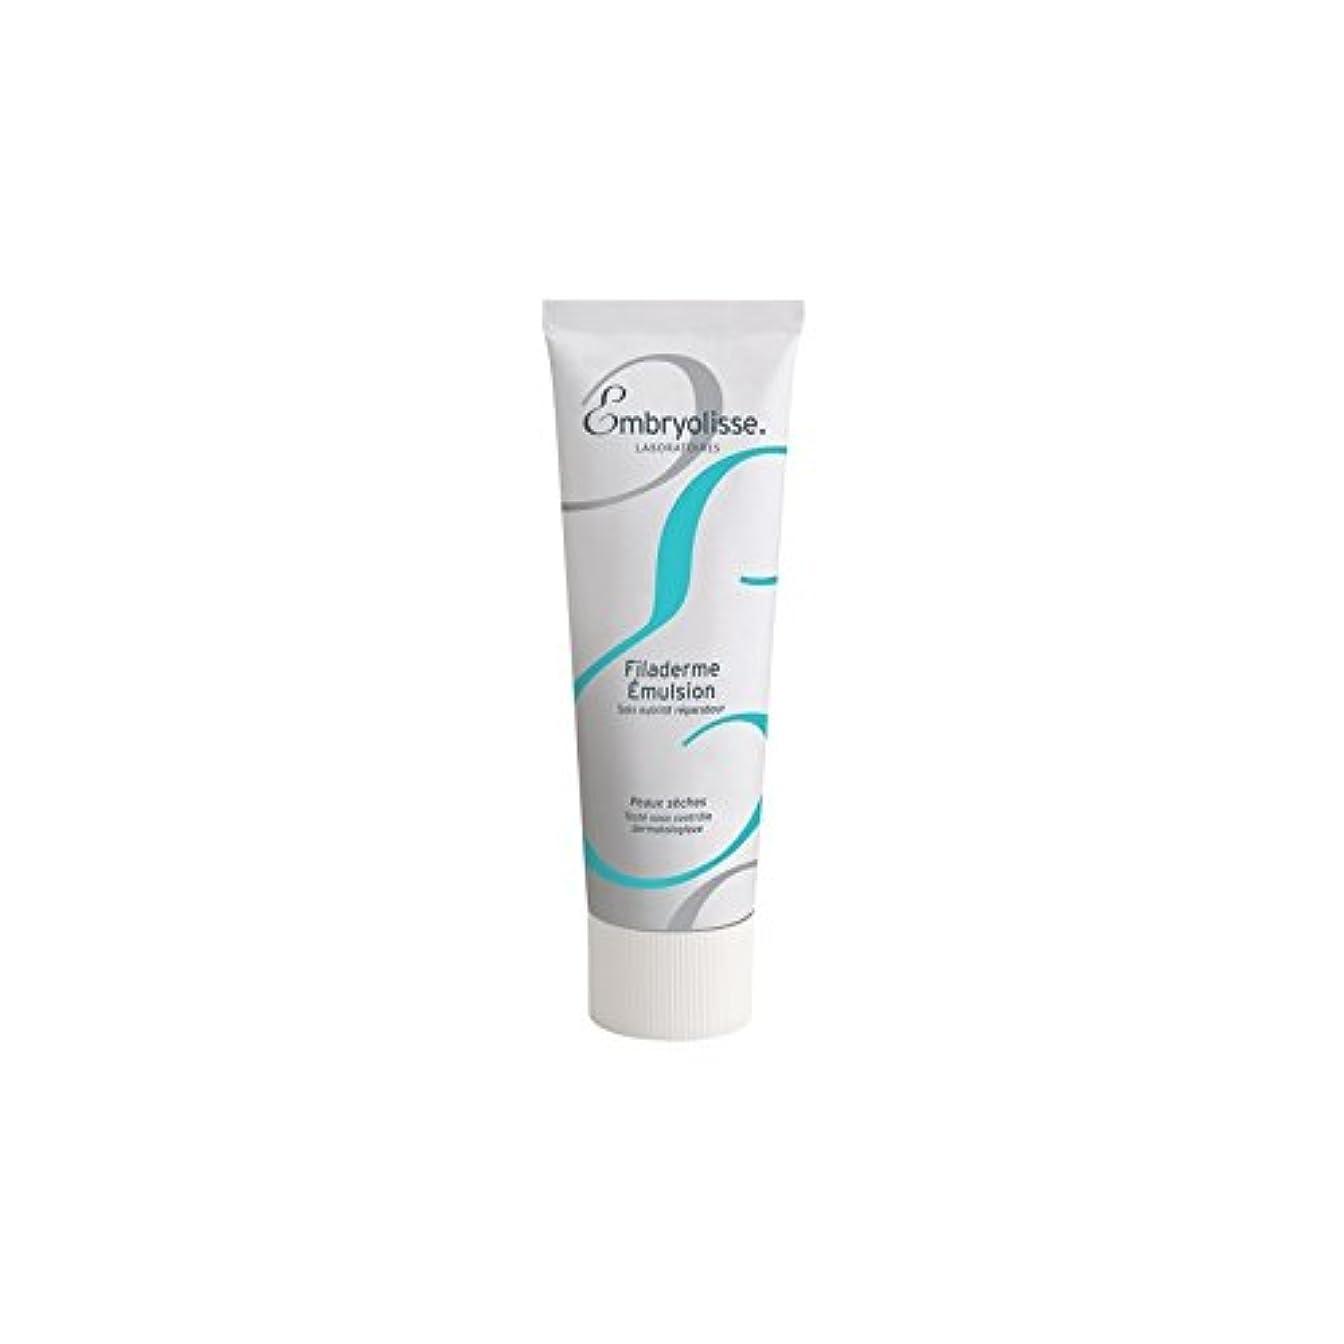 スワップ通信するステーキEmbryolisse Filaderme Emulsion (75ml) (Pack of 6) - エマルジョン(75ミリリットル) x6 [並行輸入品]